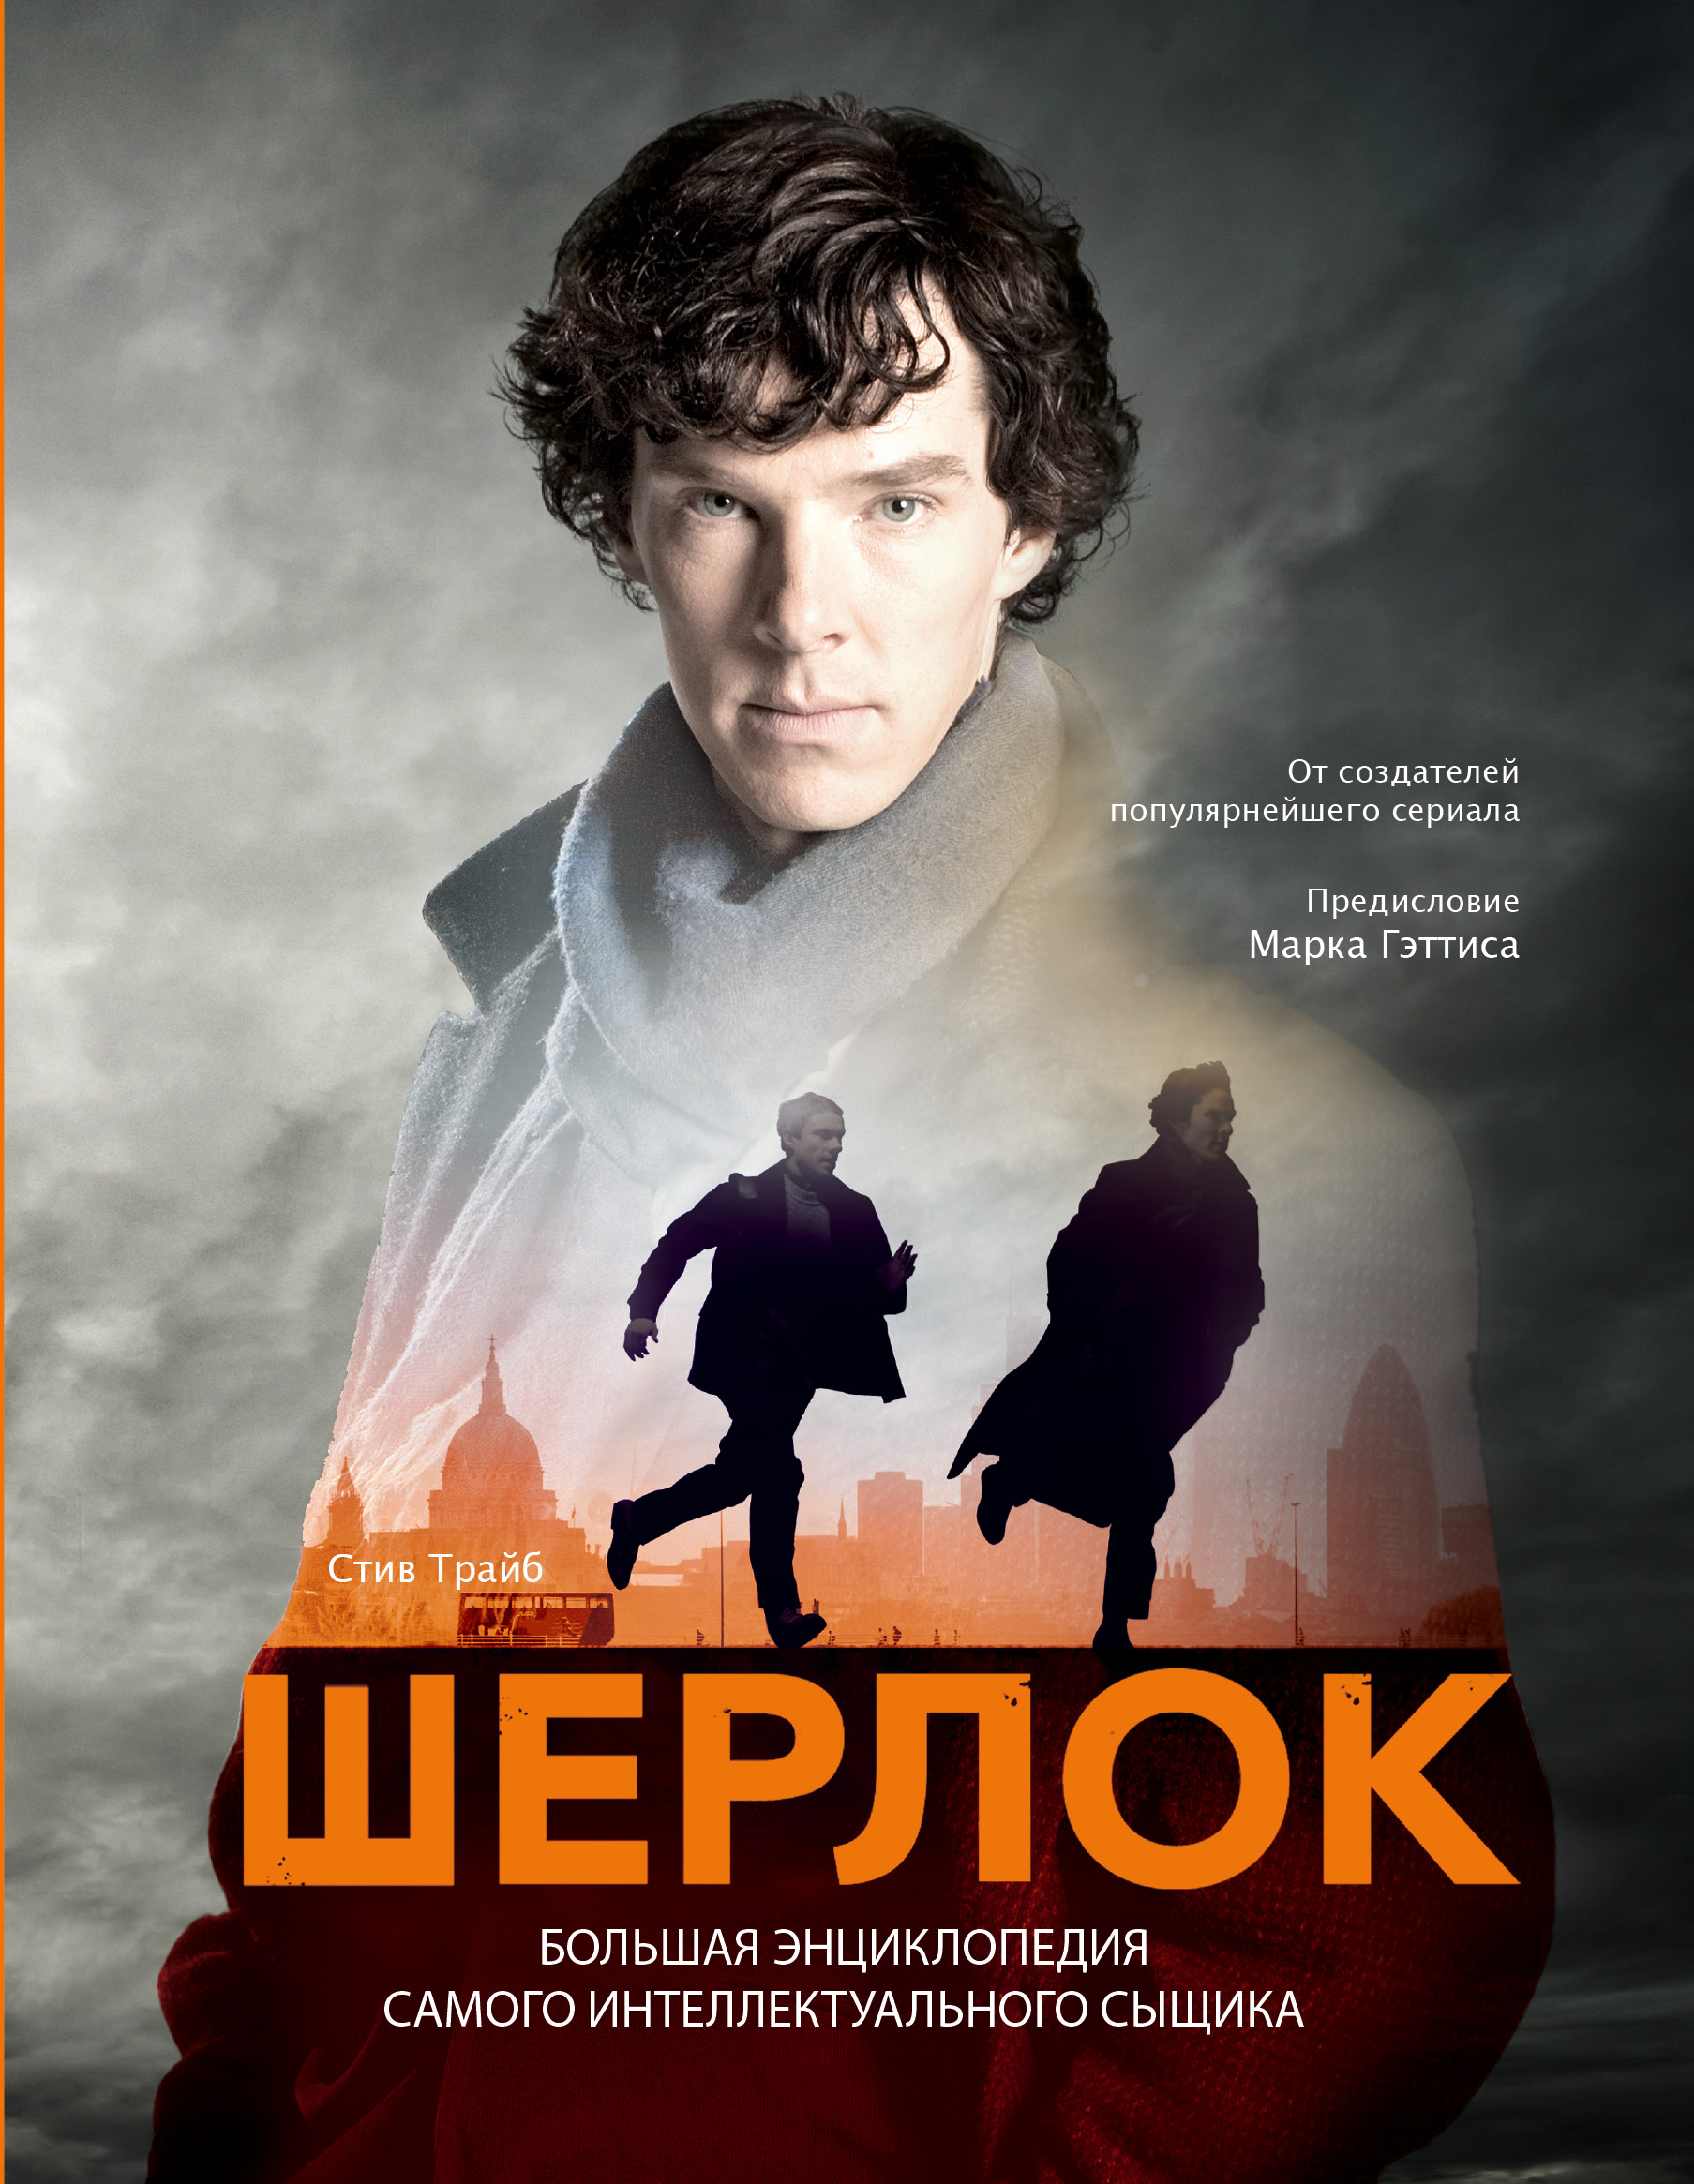 Шерлок. Большая энциклопедия самого интеллектуального сыщика